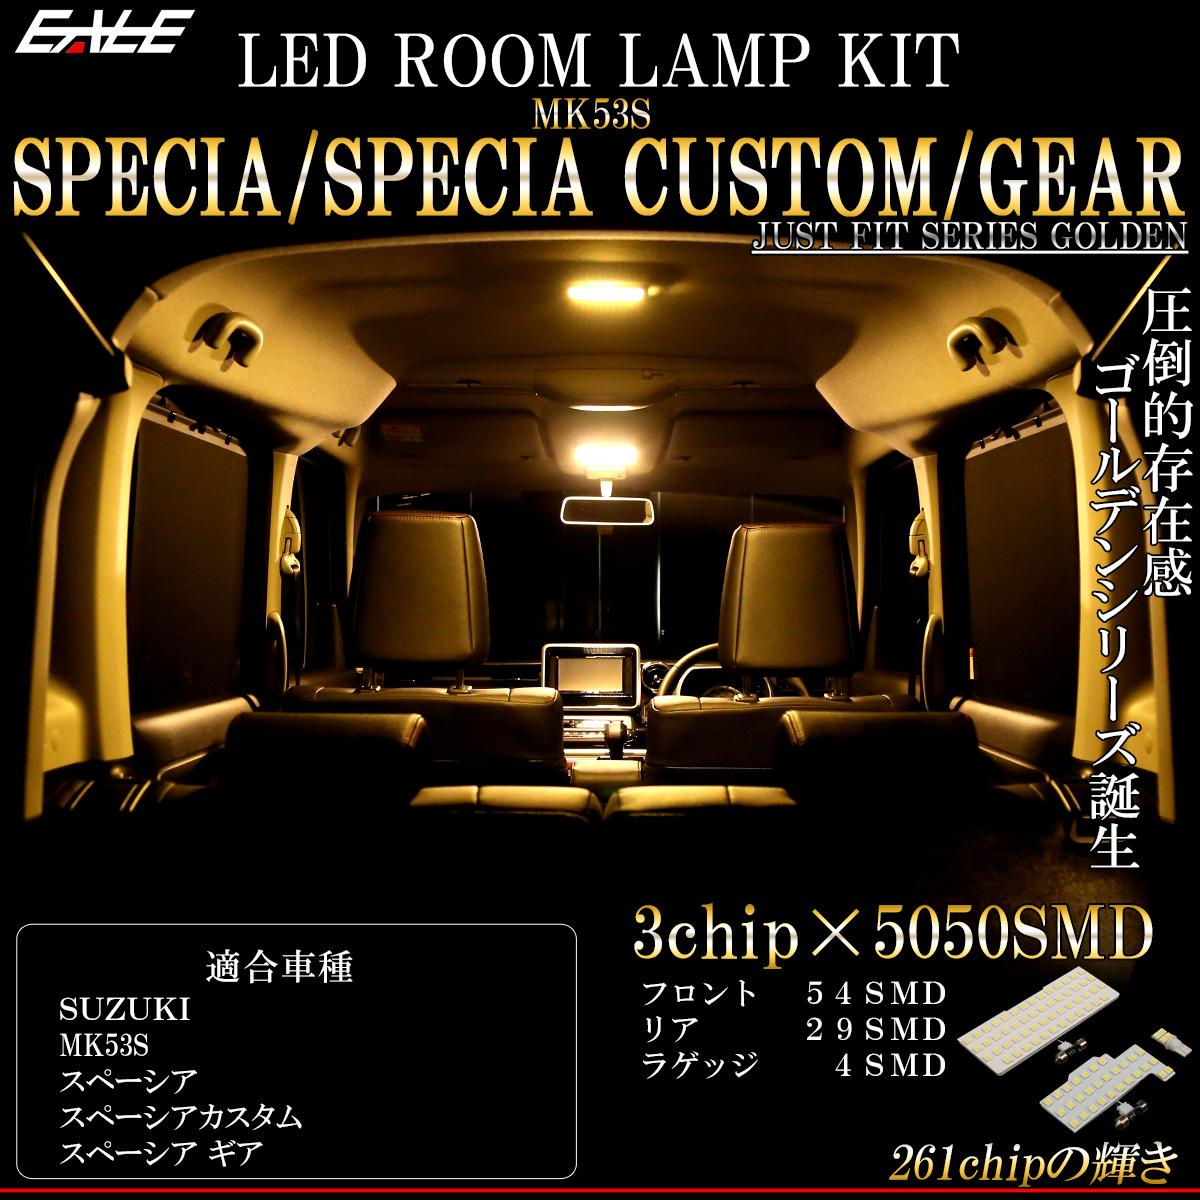 【ネコポス可】 LED ルームランプ スペーシア Specia カスタム スペーシア ギア 専用 MK53S 3000K 電球色 R-482-MK